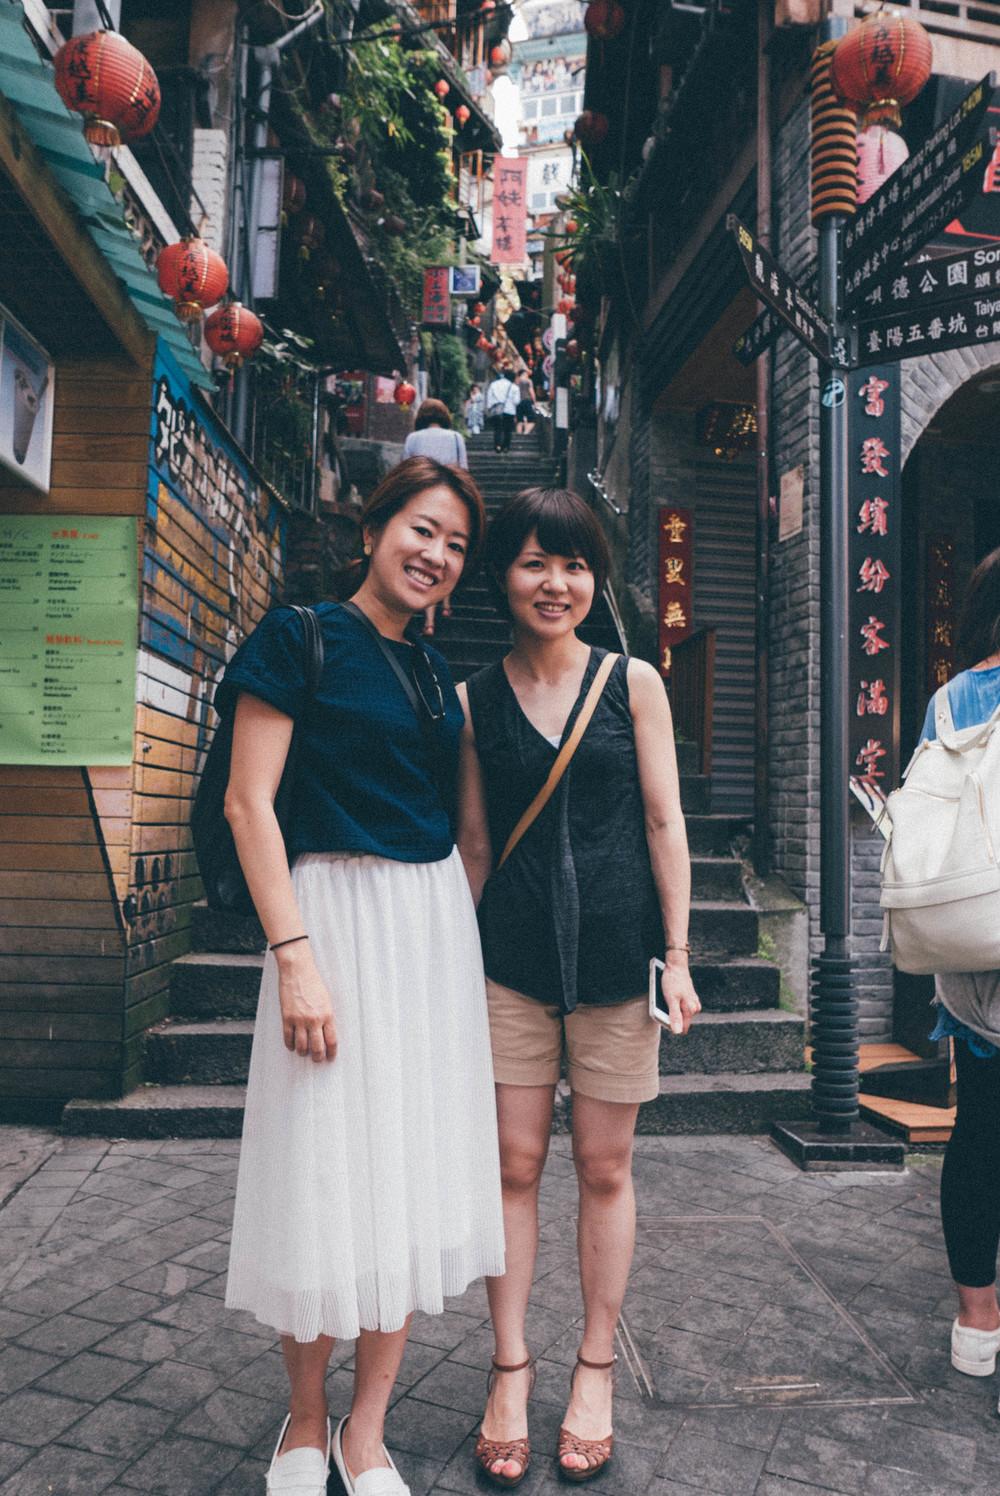 Strolling in Old Street in Jiu Fen | blossomlink.me by @0oyukao0